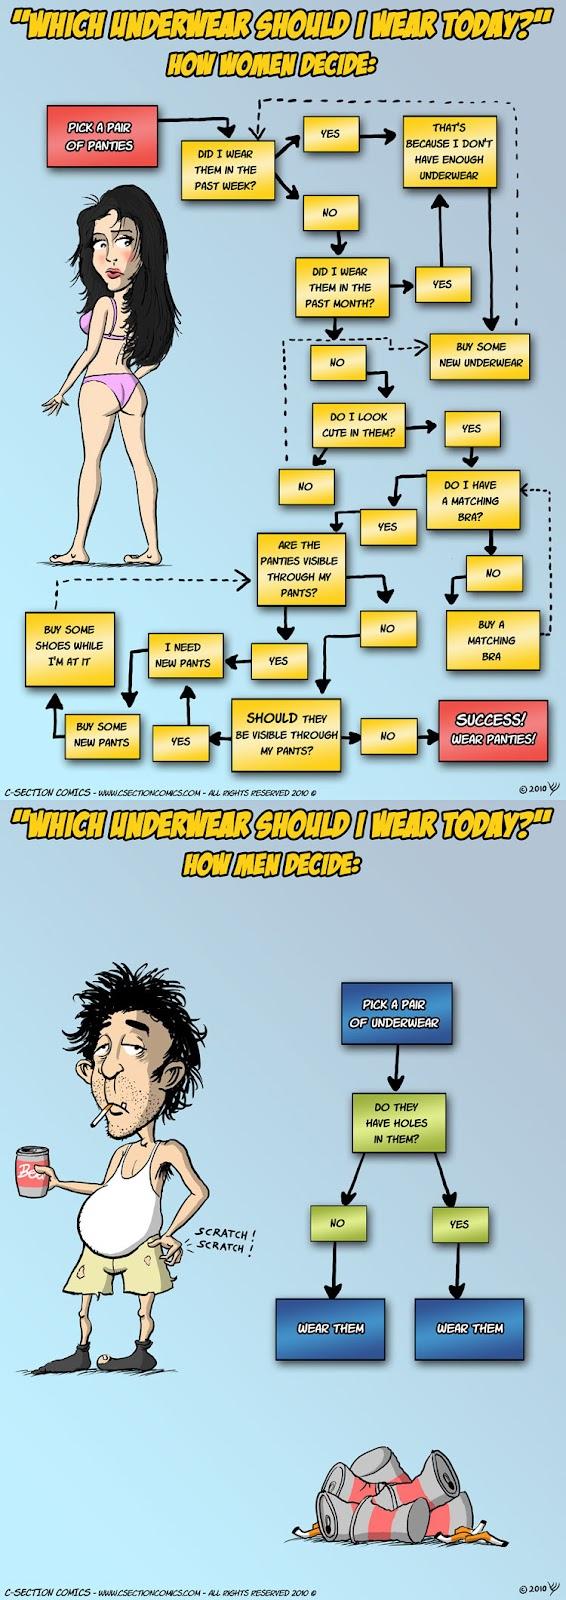 men vs women : Which Underwear Should I wear Today